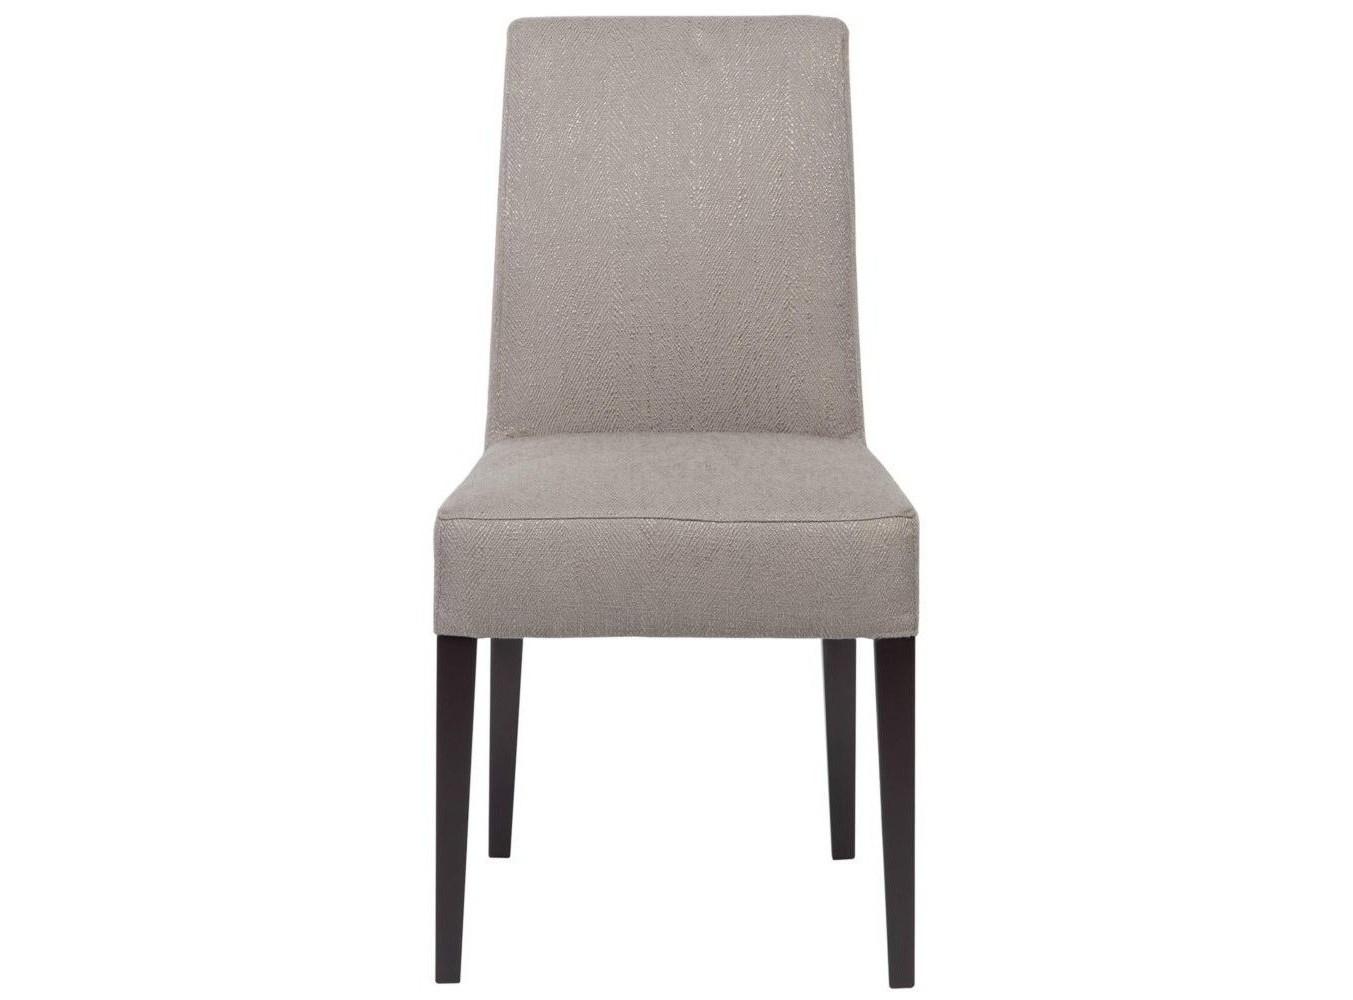 СтулОбеденные стулья<br>Классический стул с текстильной обивкой: выдержанно, удобно и, главное, красиво. Специальная обивочная ткань сохраняет цвет и форму, а слегка изогнутые ножки обеспечивают устойчивость.&amp;amp;nbsp;<br><br>Material: Текстиль<br>Width см: 48<br>Depth см: 58<br>Height см: 90